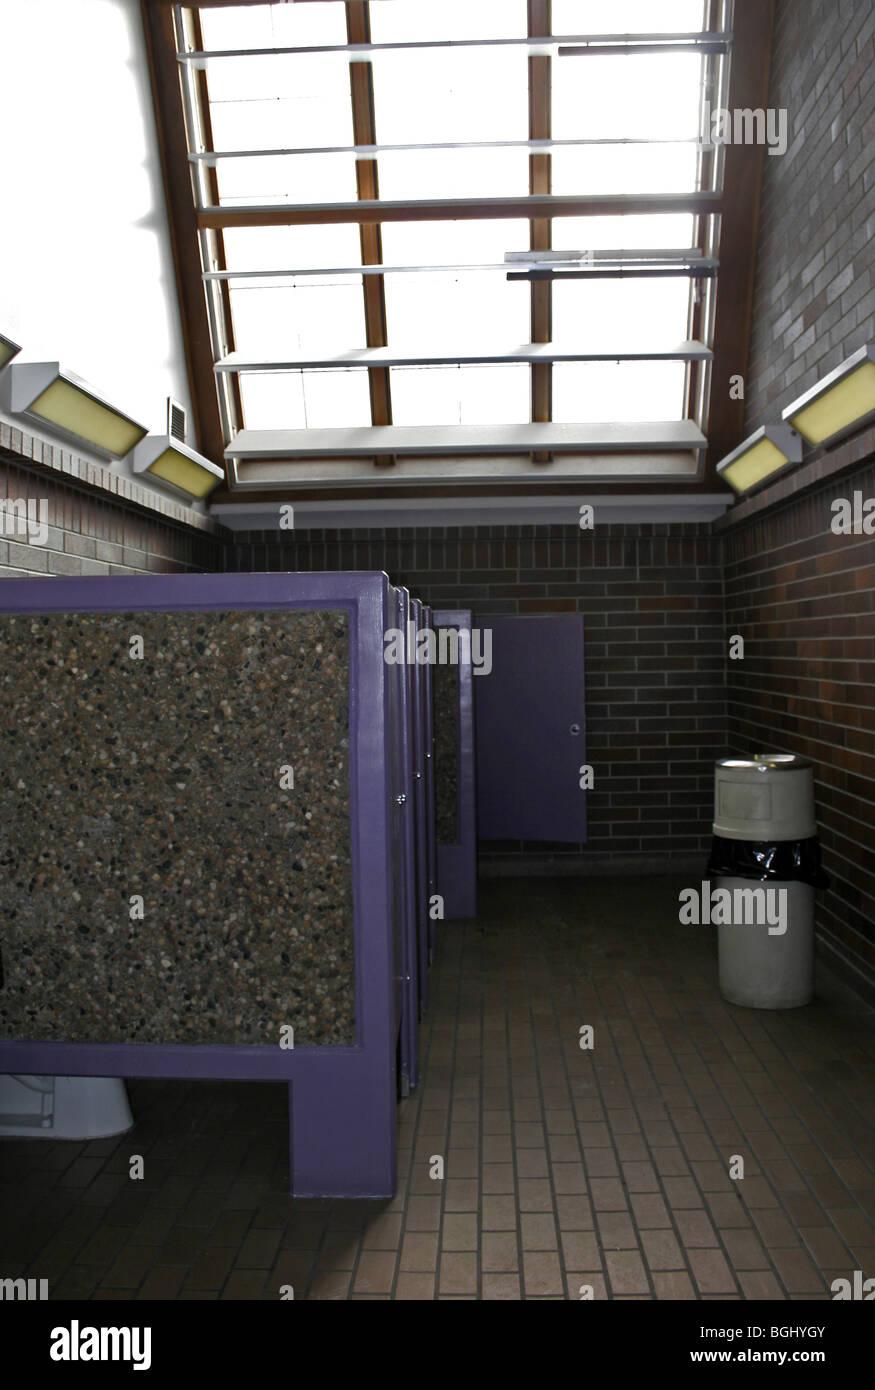 Toilette publique avec design fenêtre solaire passif Photo Stock